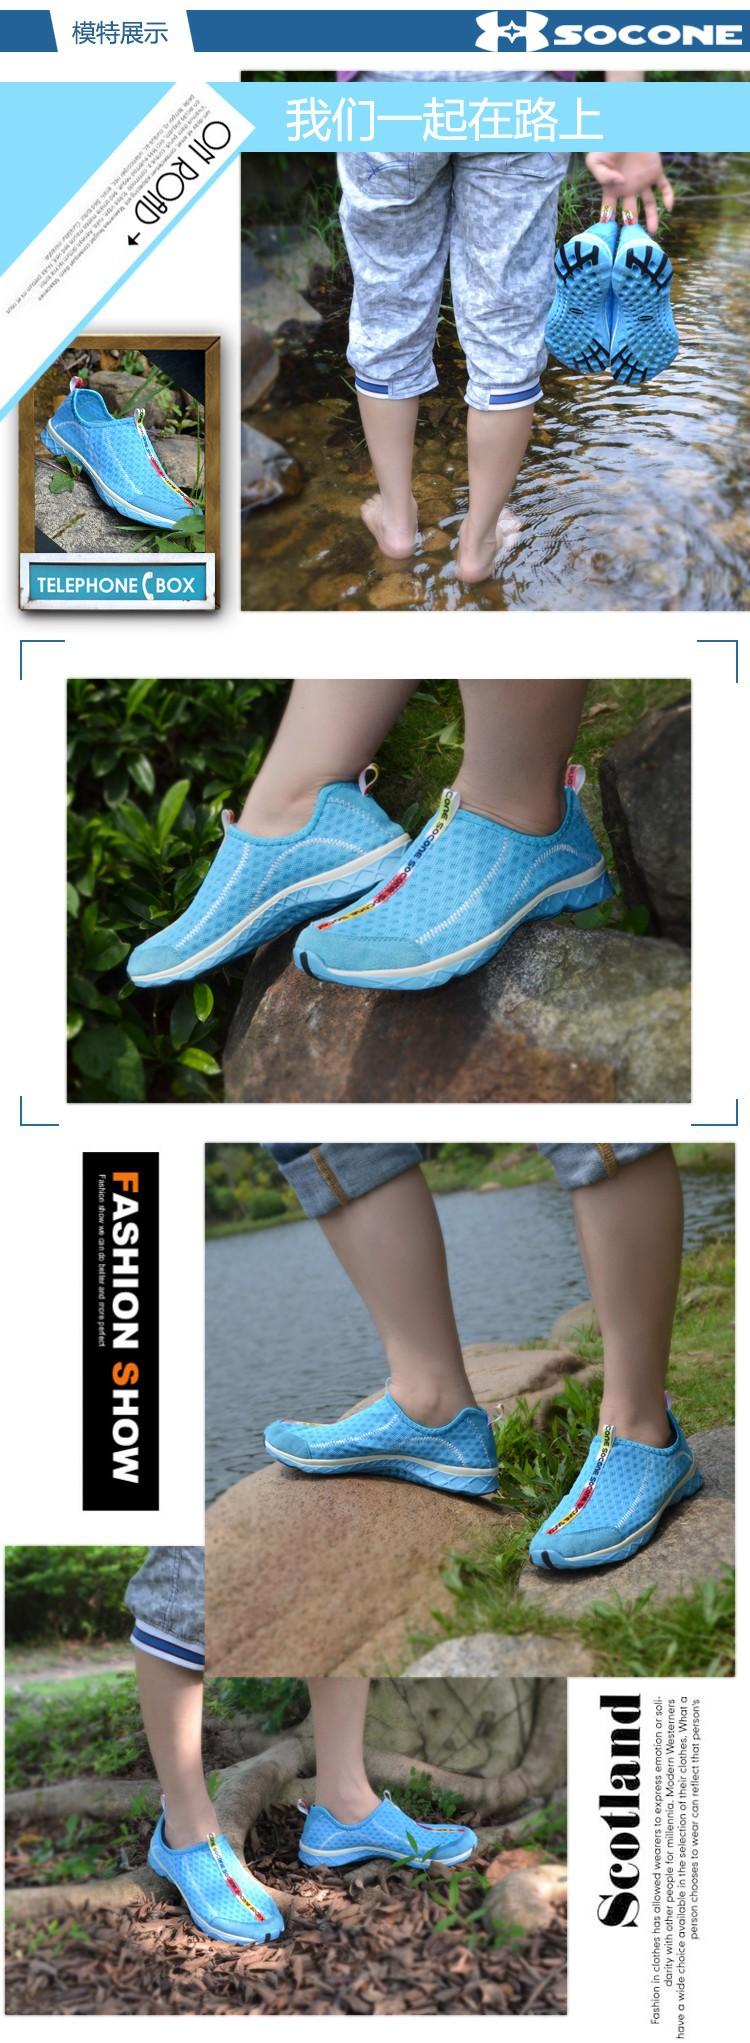 2015 мужские спортивные кроссовки обувь воздухопроницаемой сеткой мужской обуви супер свет свободного покроя лето женщины кроссовки туфли для воды